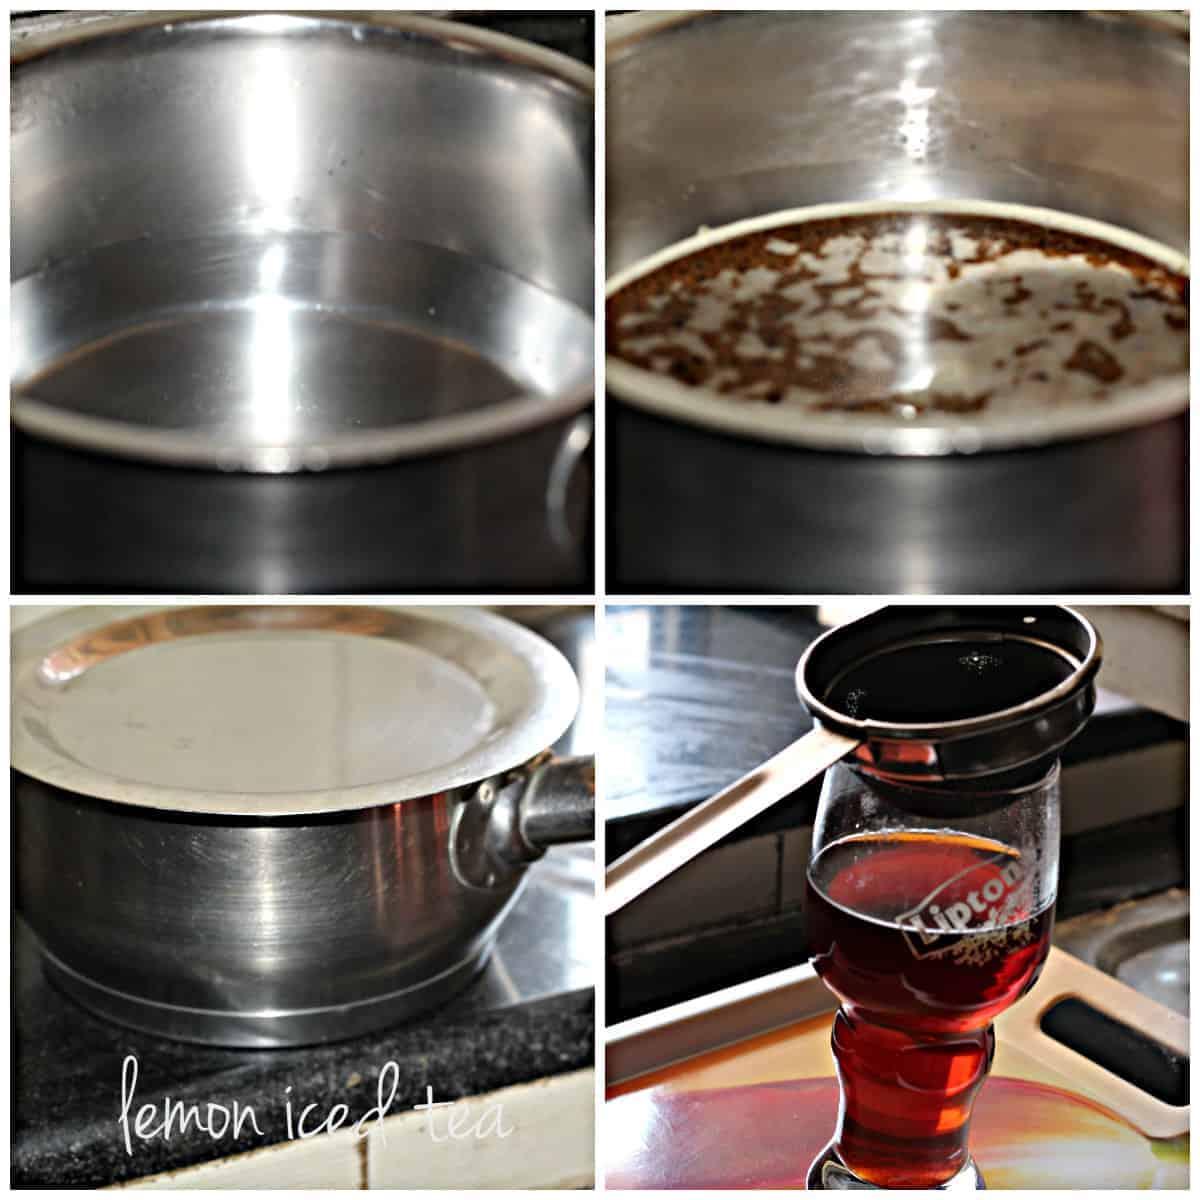 making of lemon iced tea